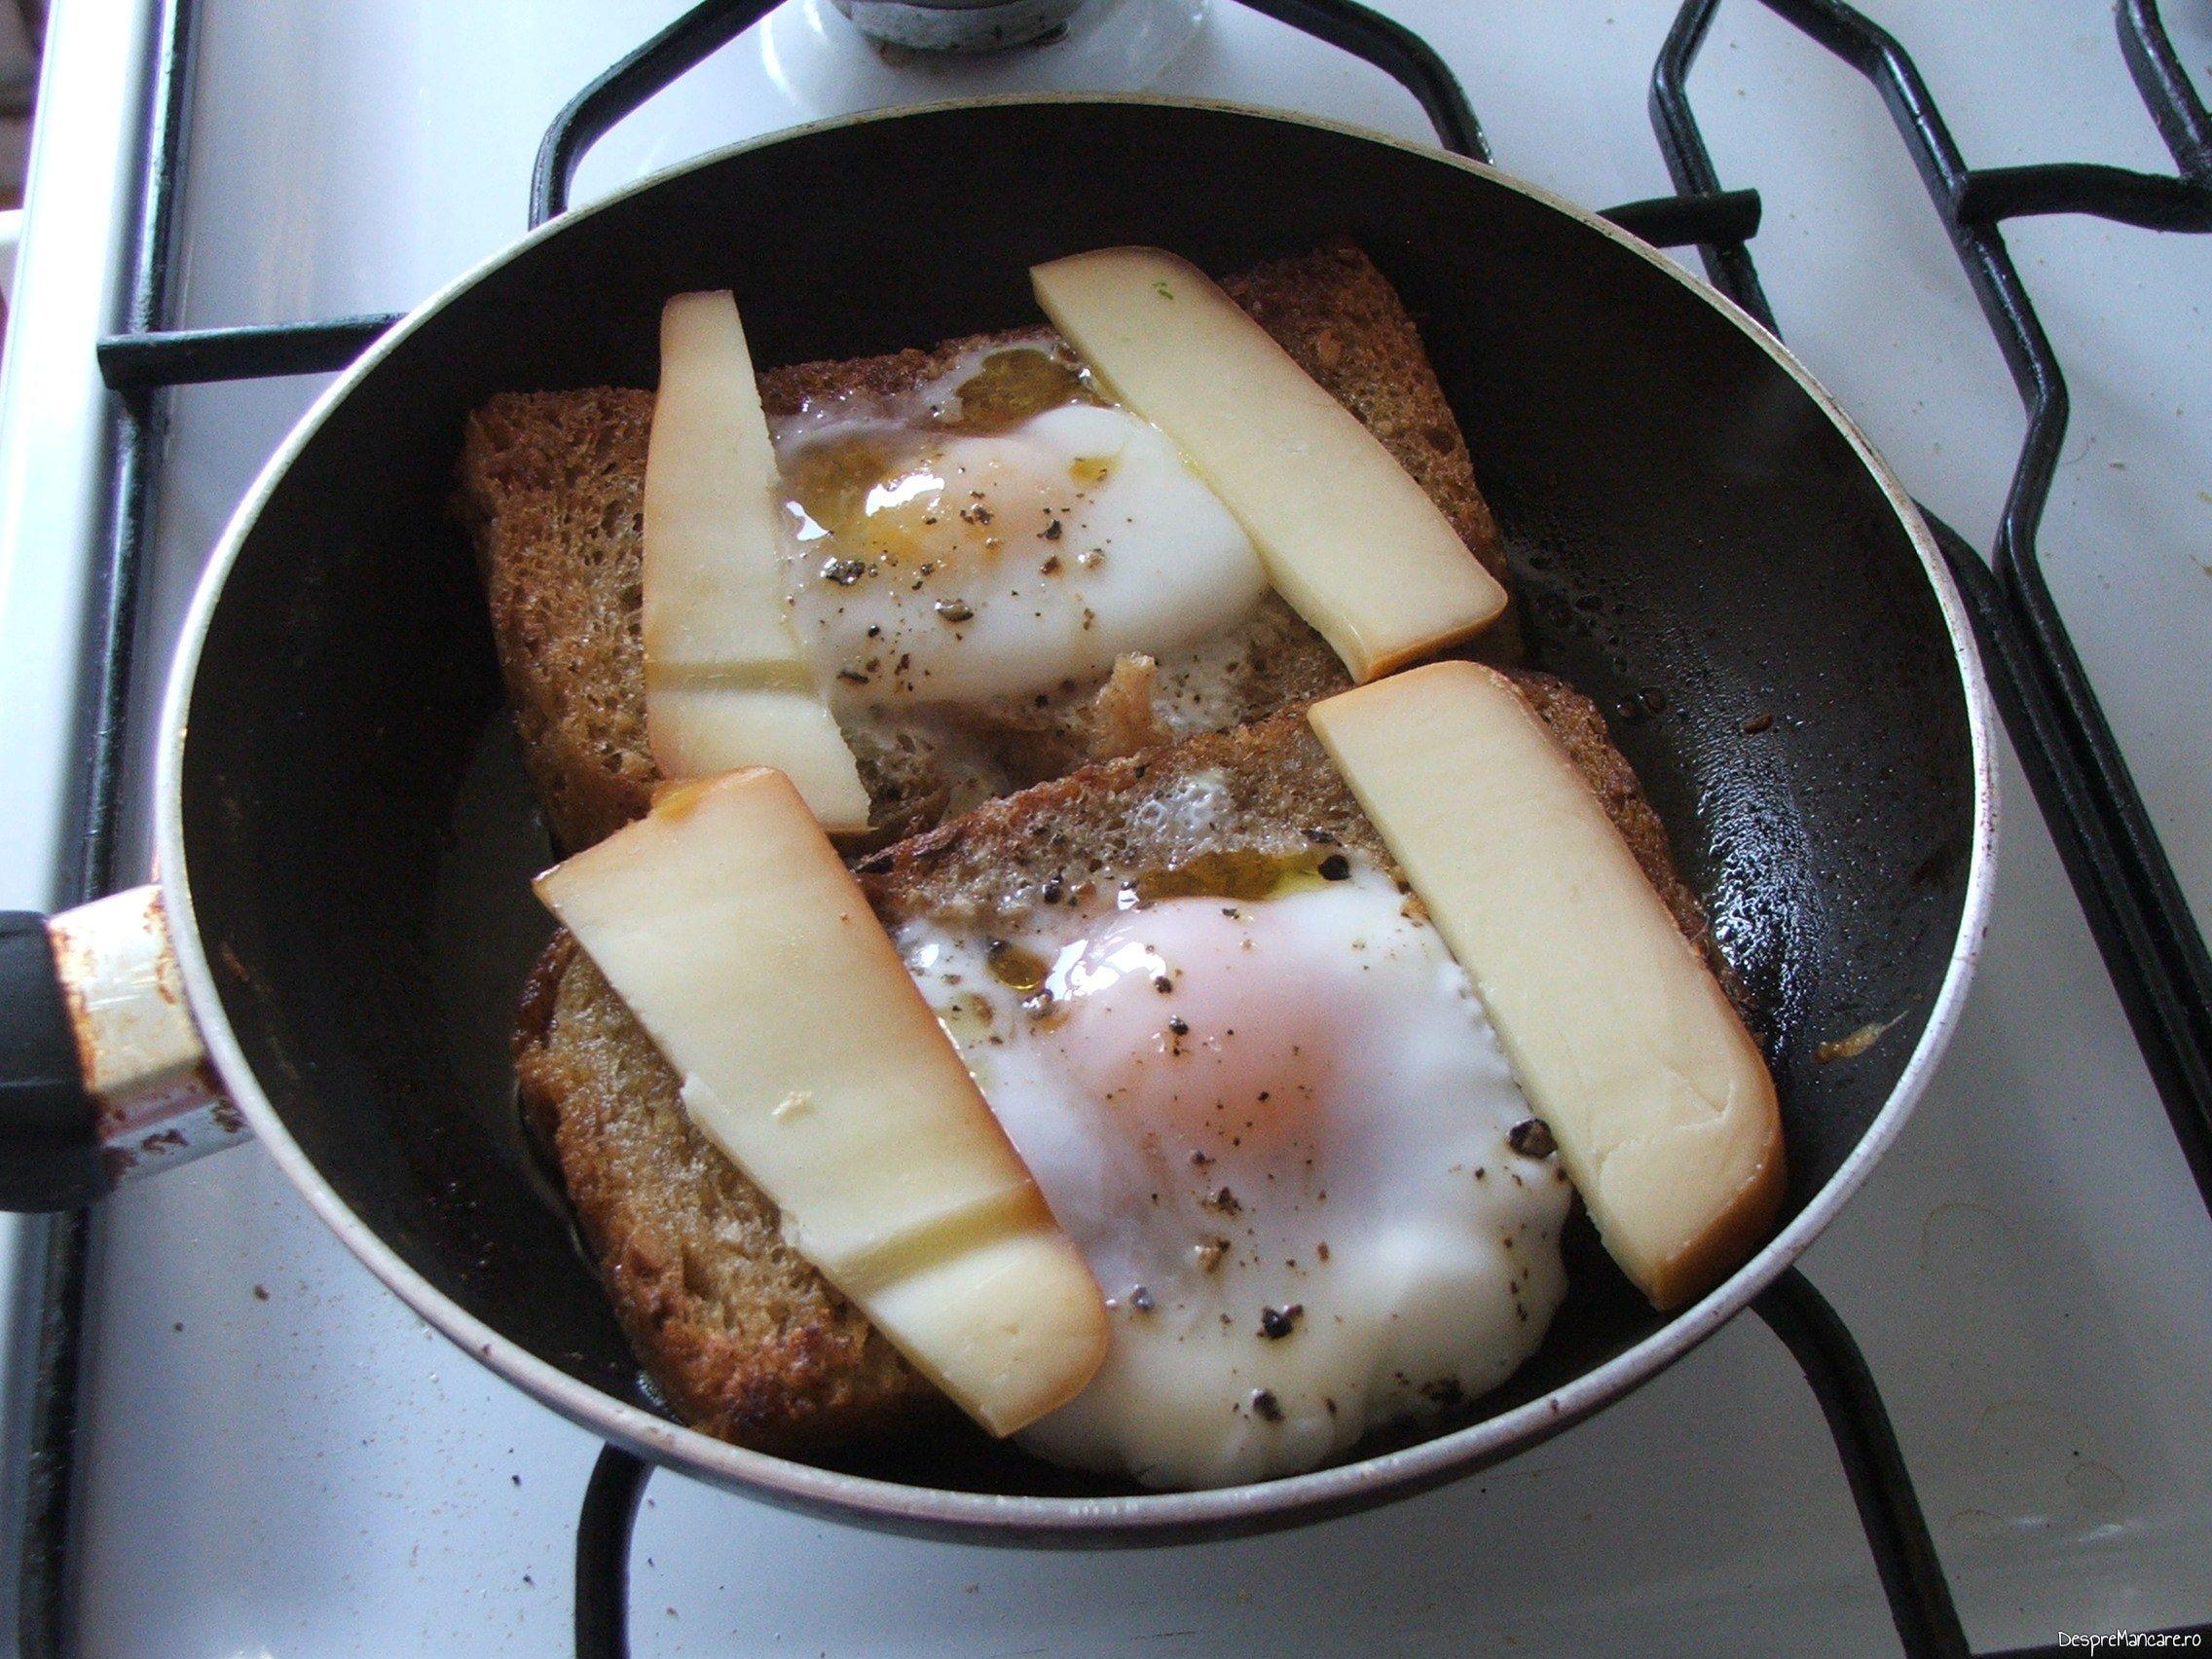 Felii de cascaval afumat puse pe felii de paine, langa ochiuri pentru ochiuri cu cascaval afumat si paine prajita.